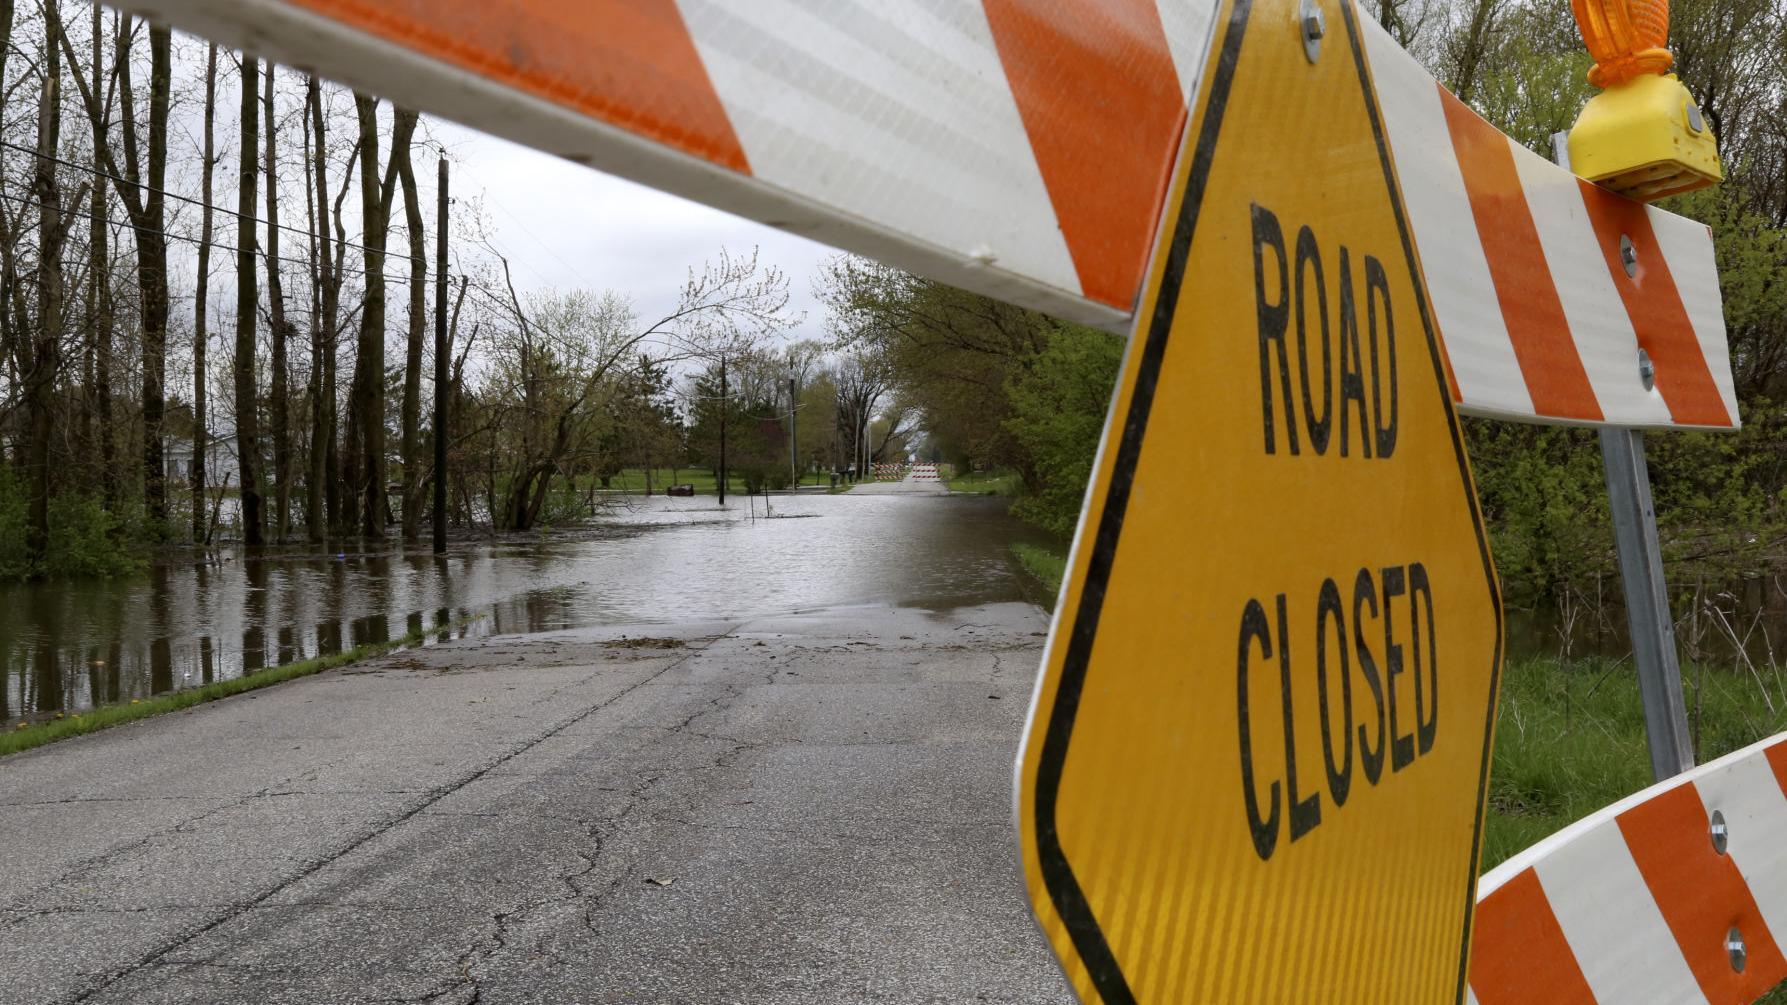 Flash flood watch issued as rain soaks Region